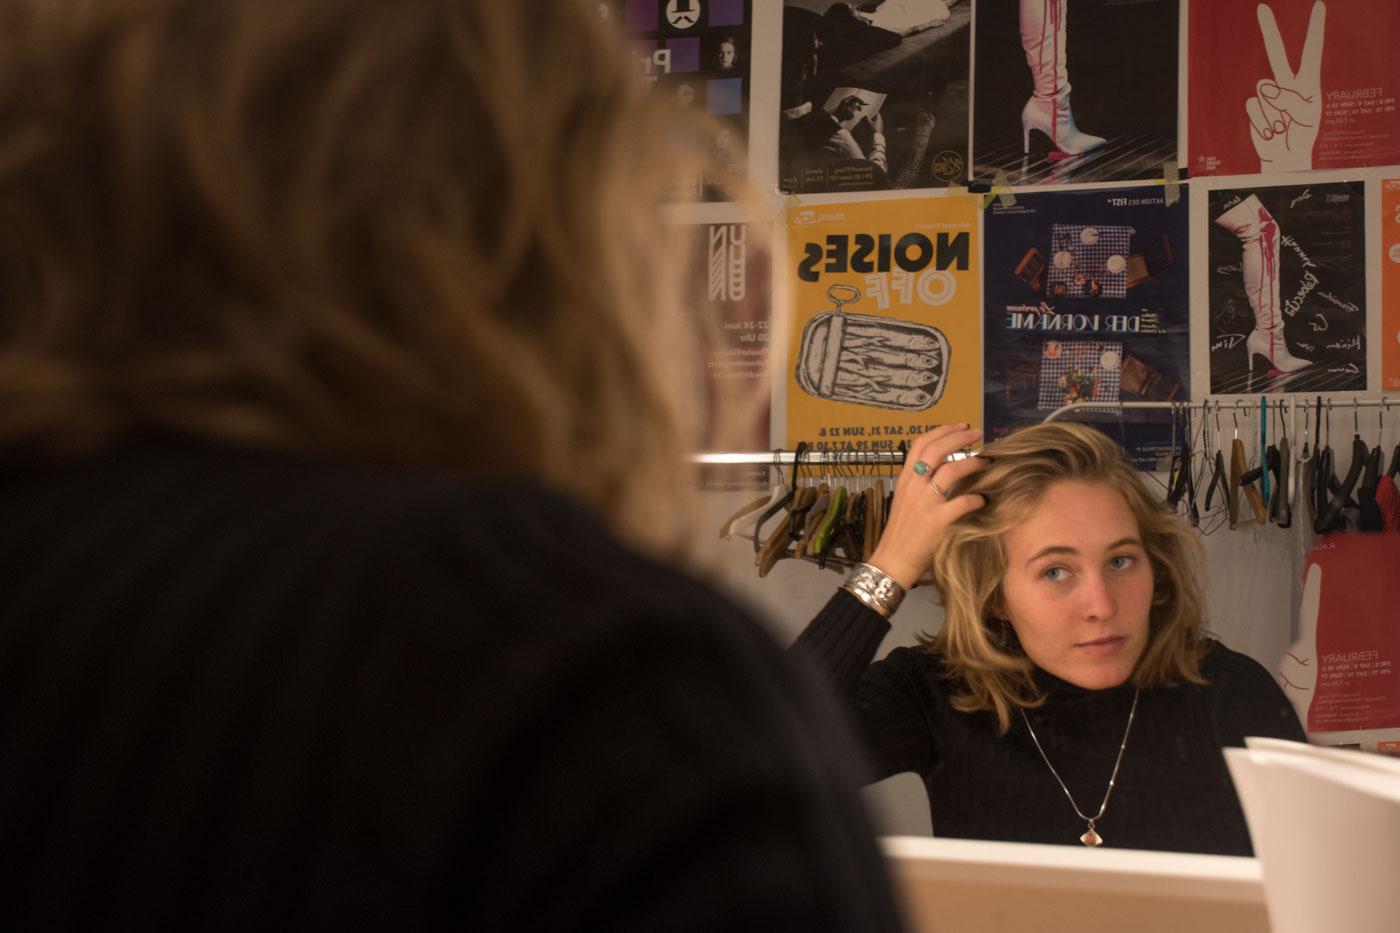 Daniela vor Spiegel, macht sich die Haare.